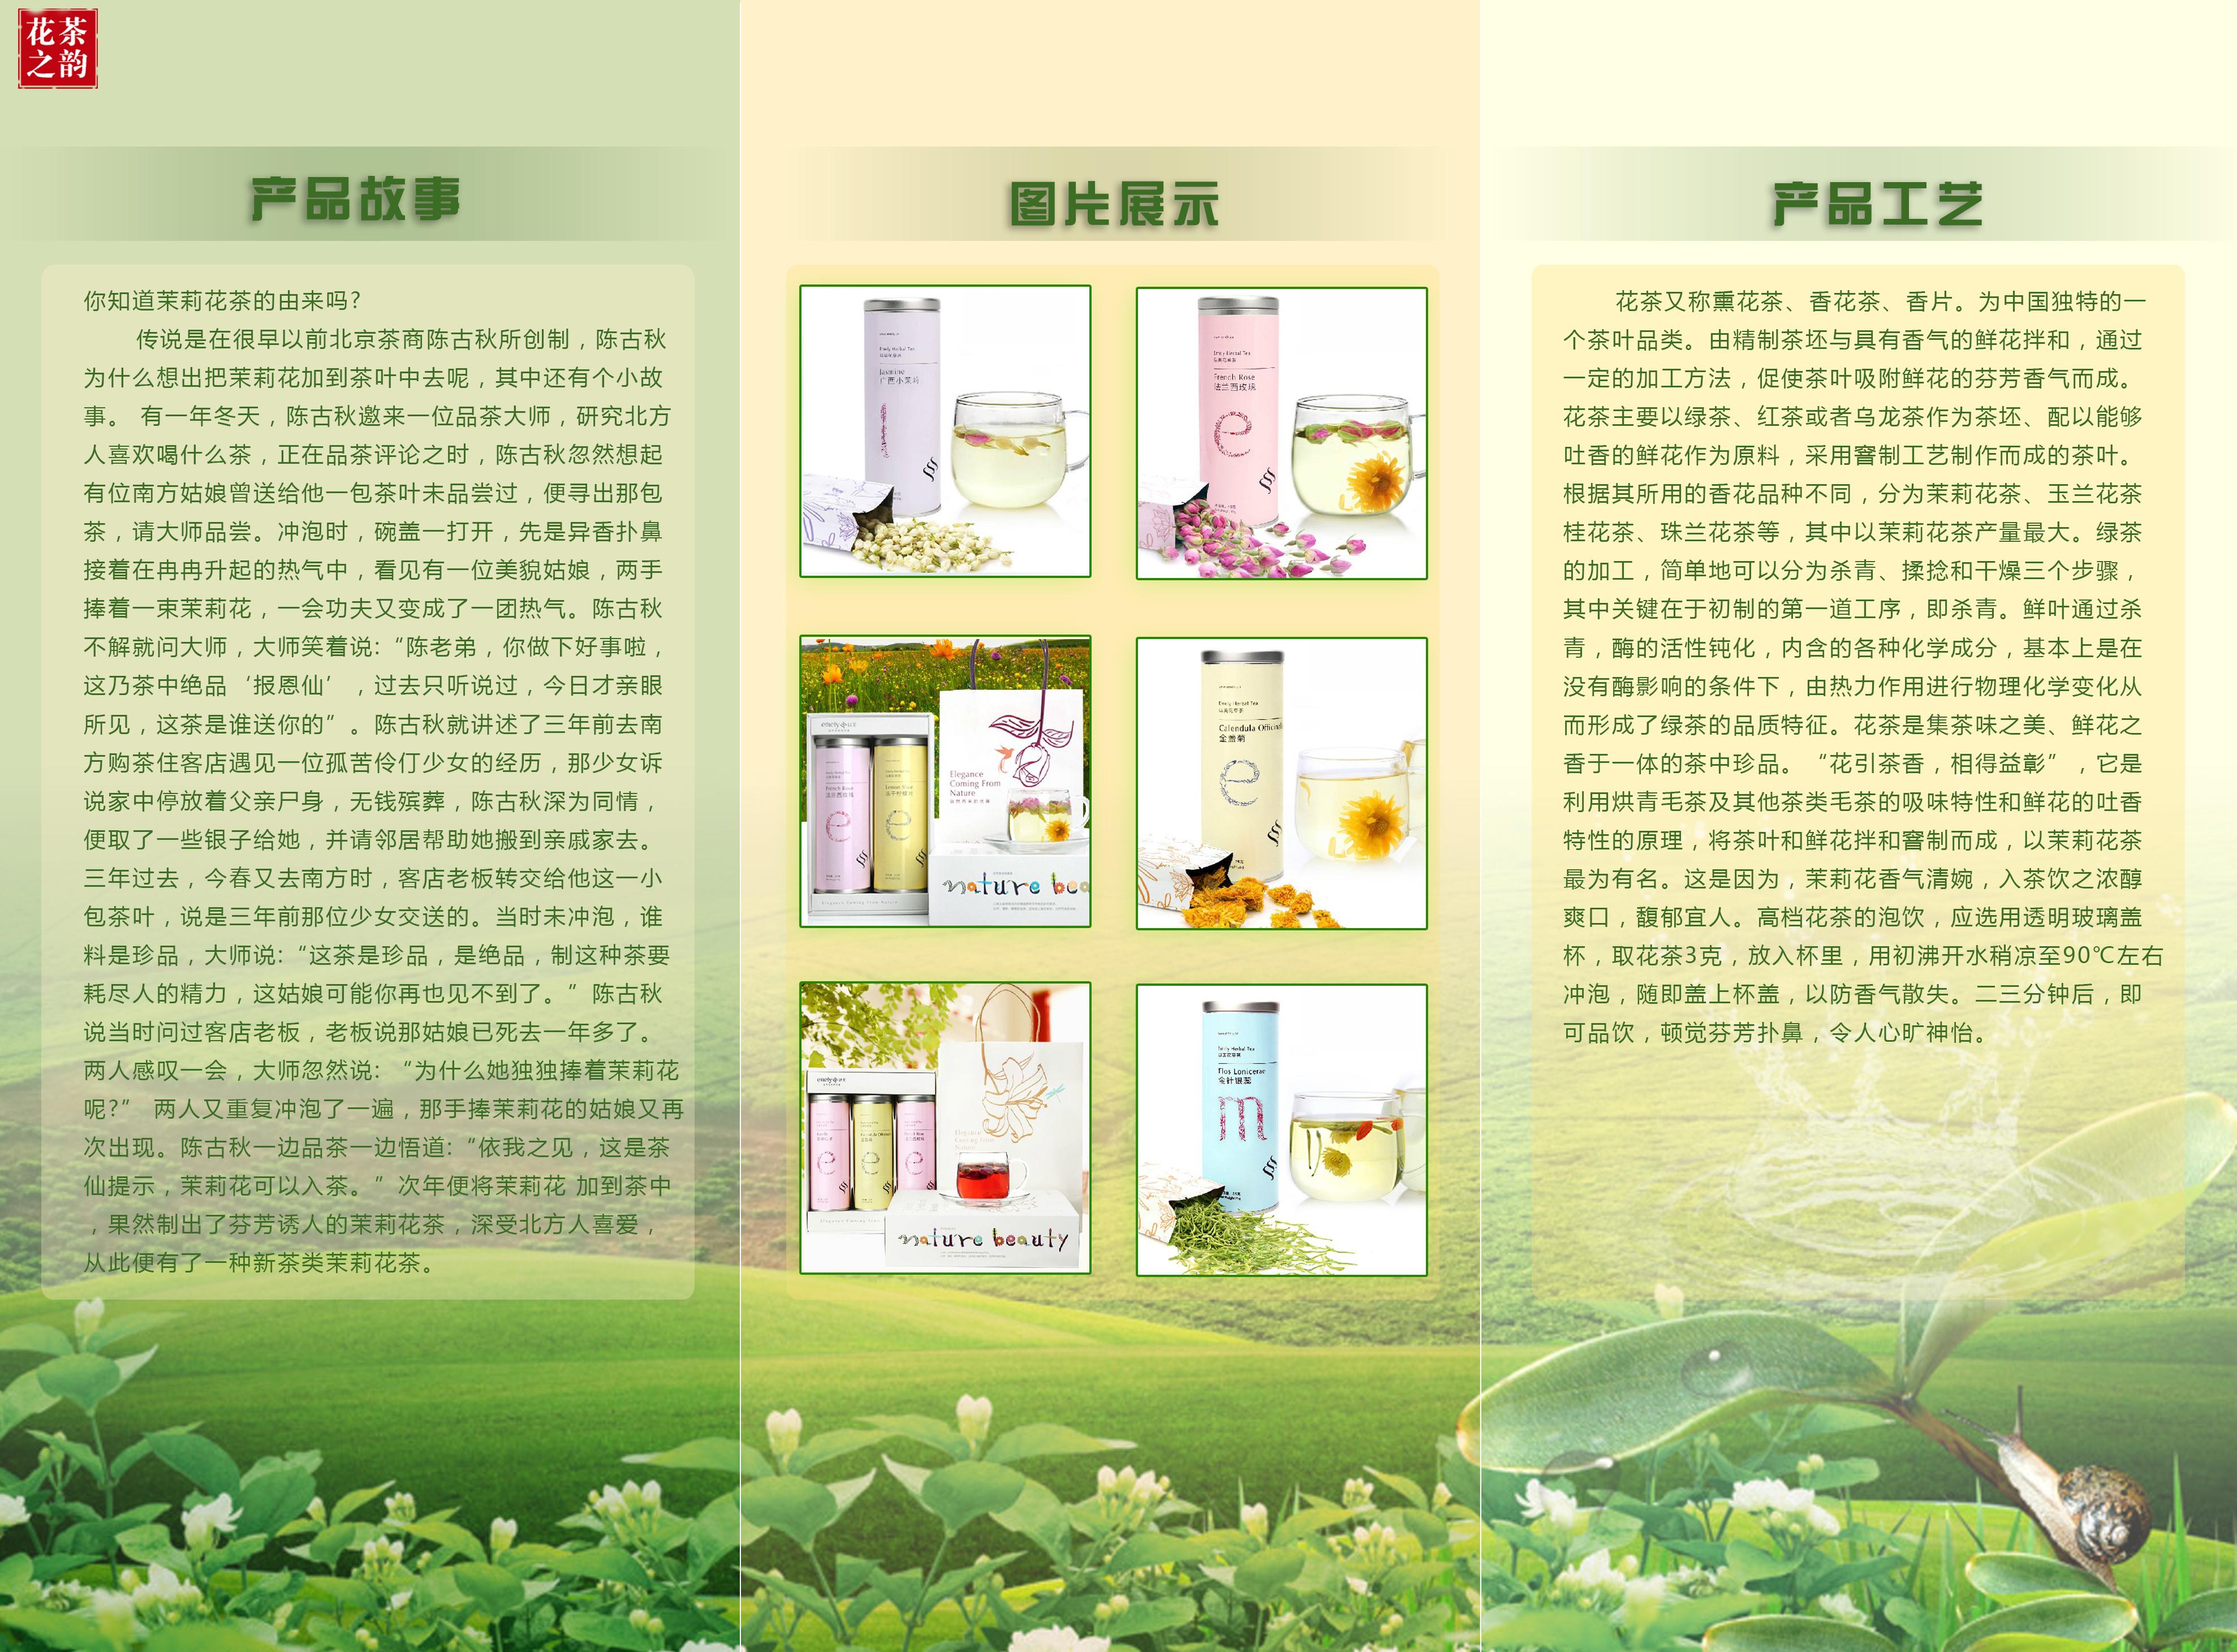 花茶毕业设计|平面|书装/画册|s小果 - 原创作品图片